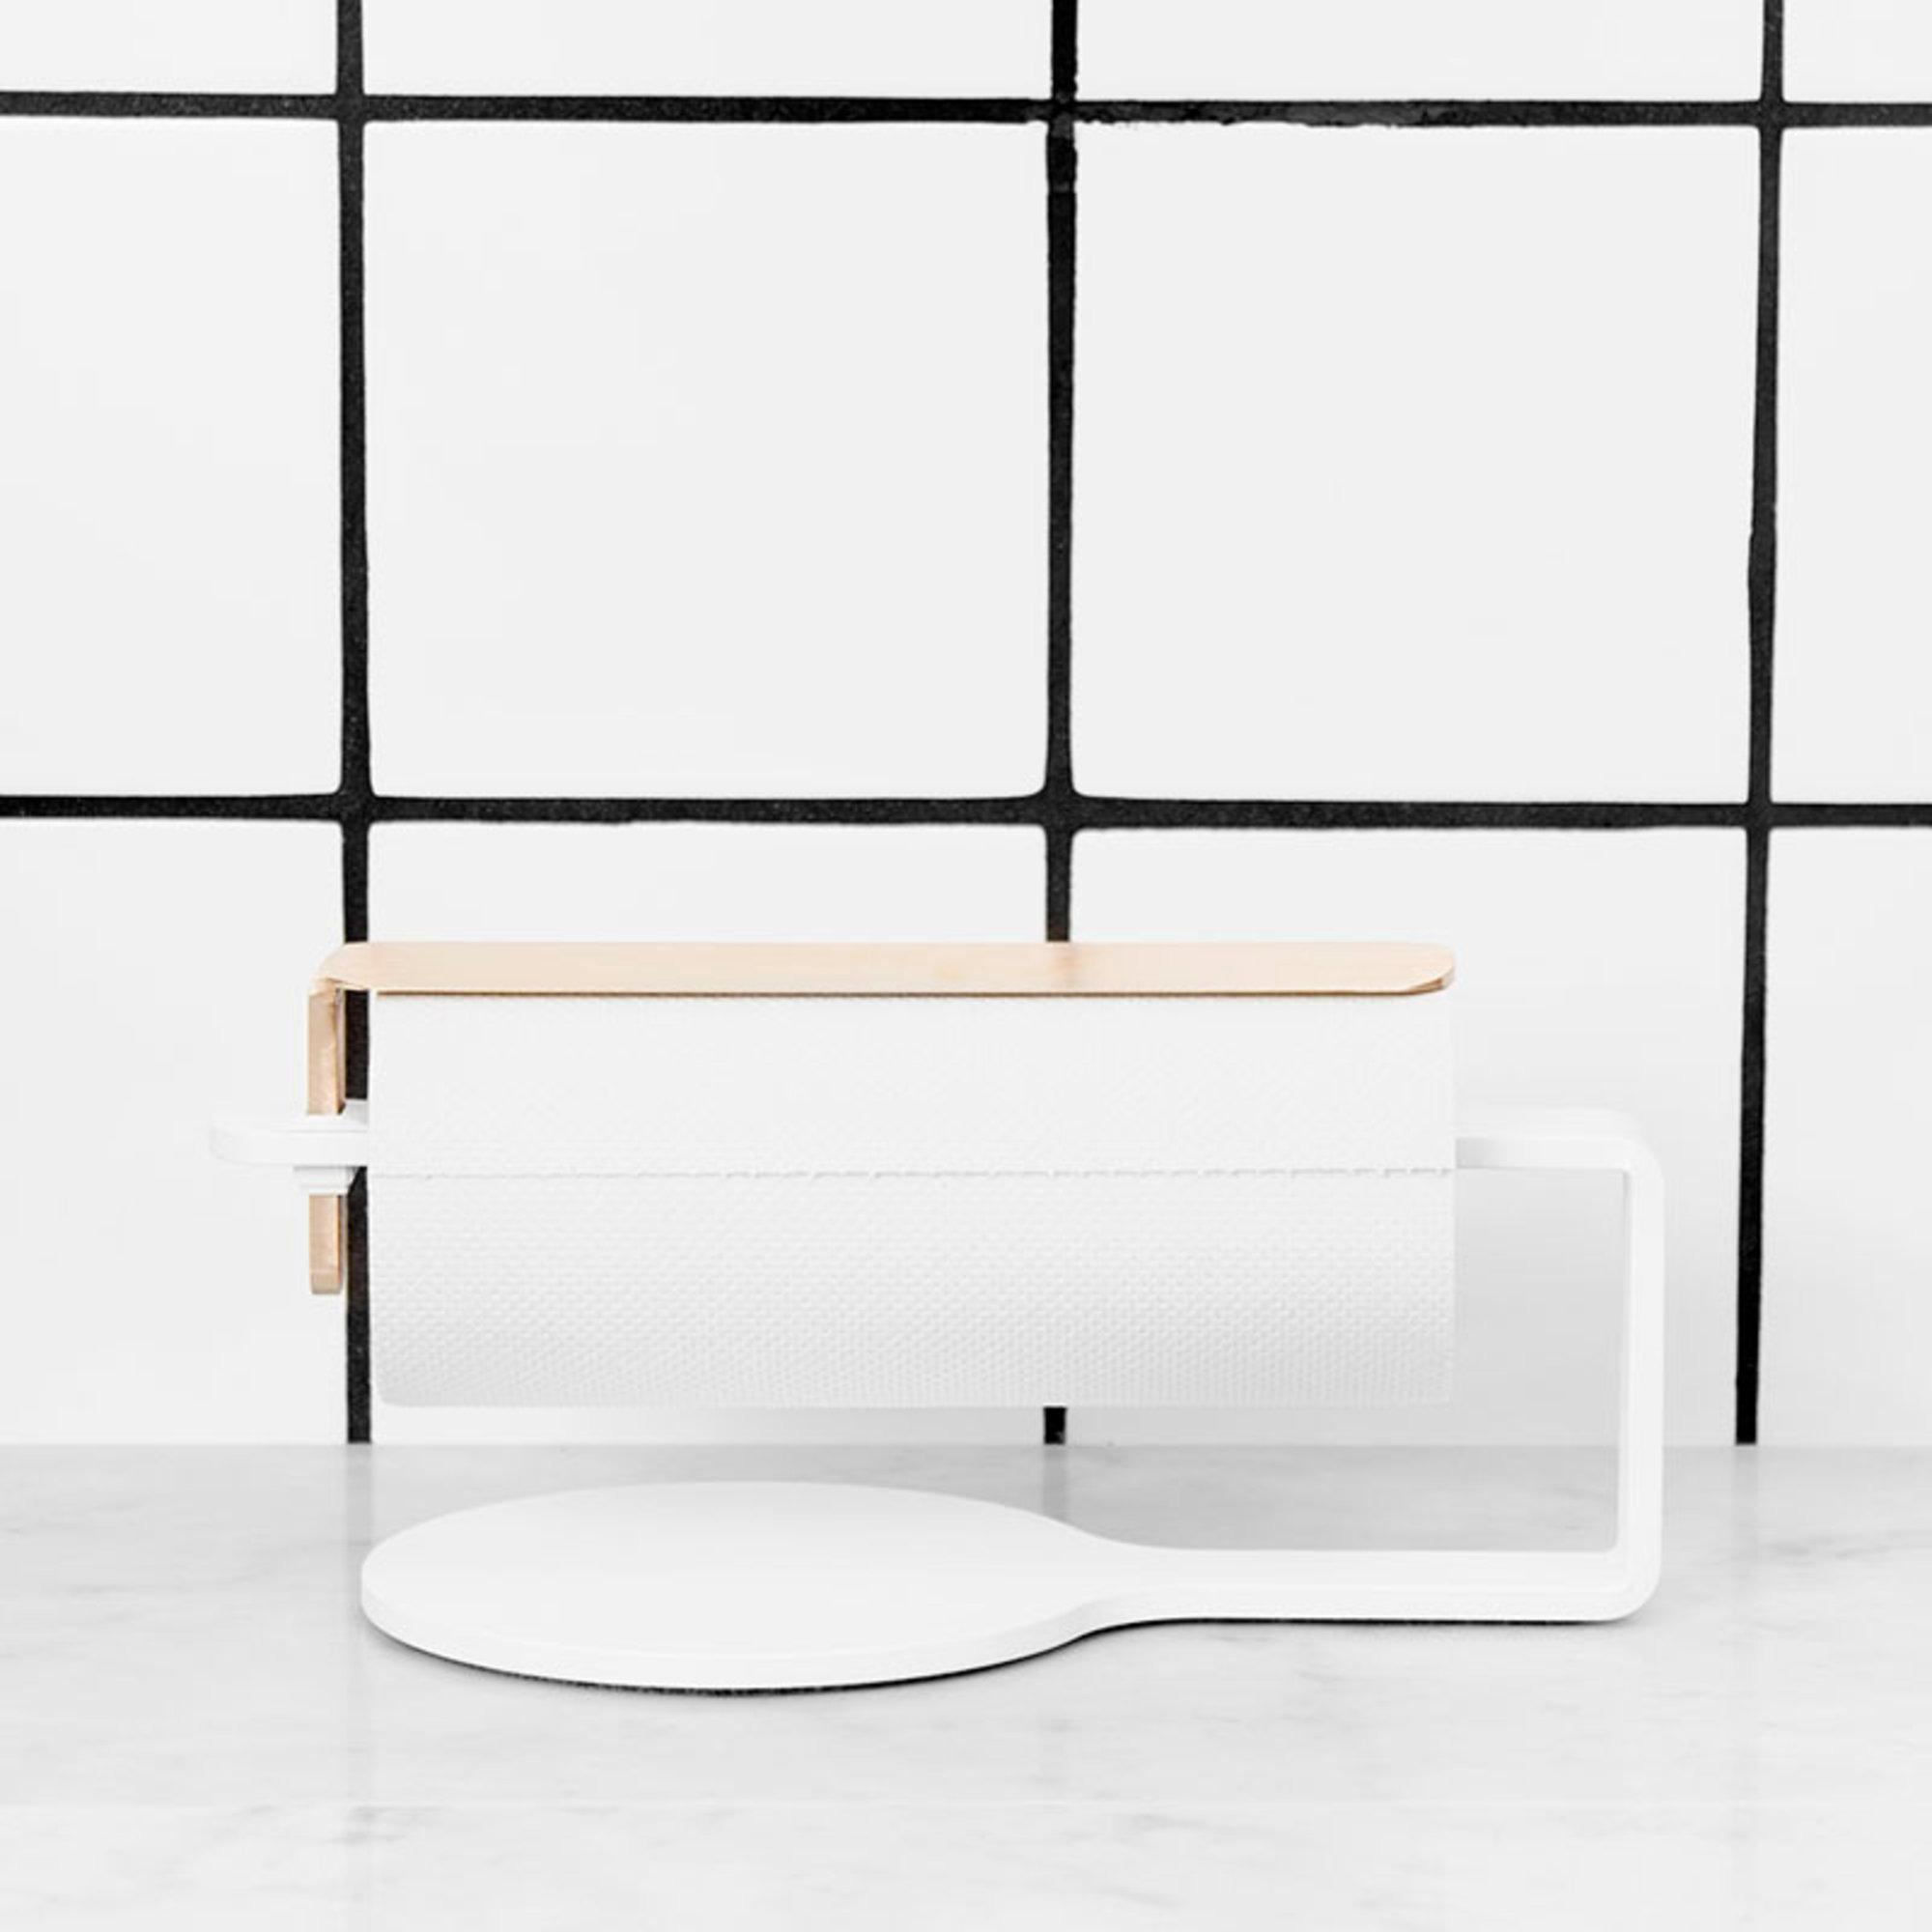 Scandinavian Design Factory Curve Hushållspappershållare Vit/Mässing